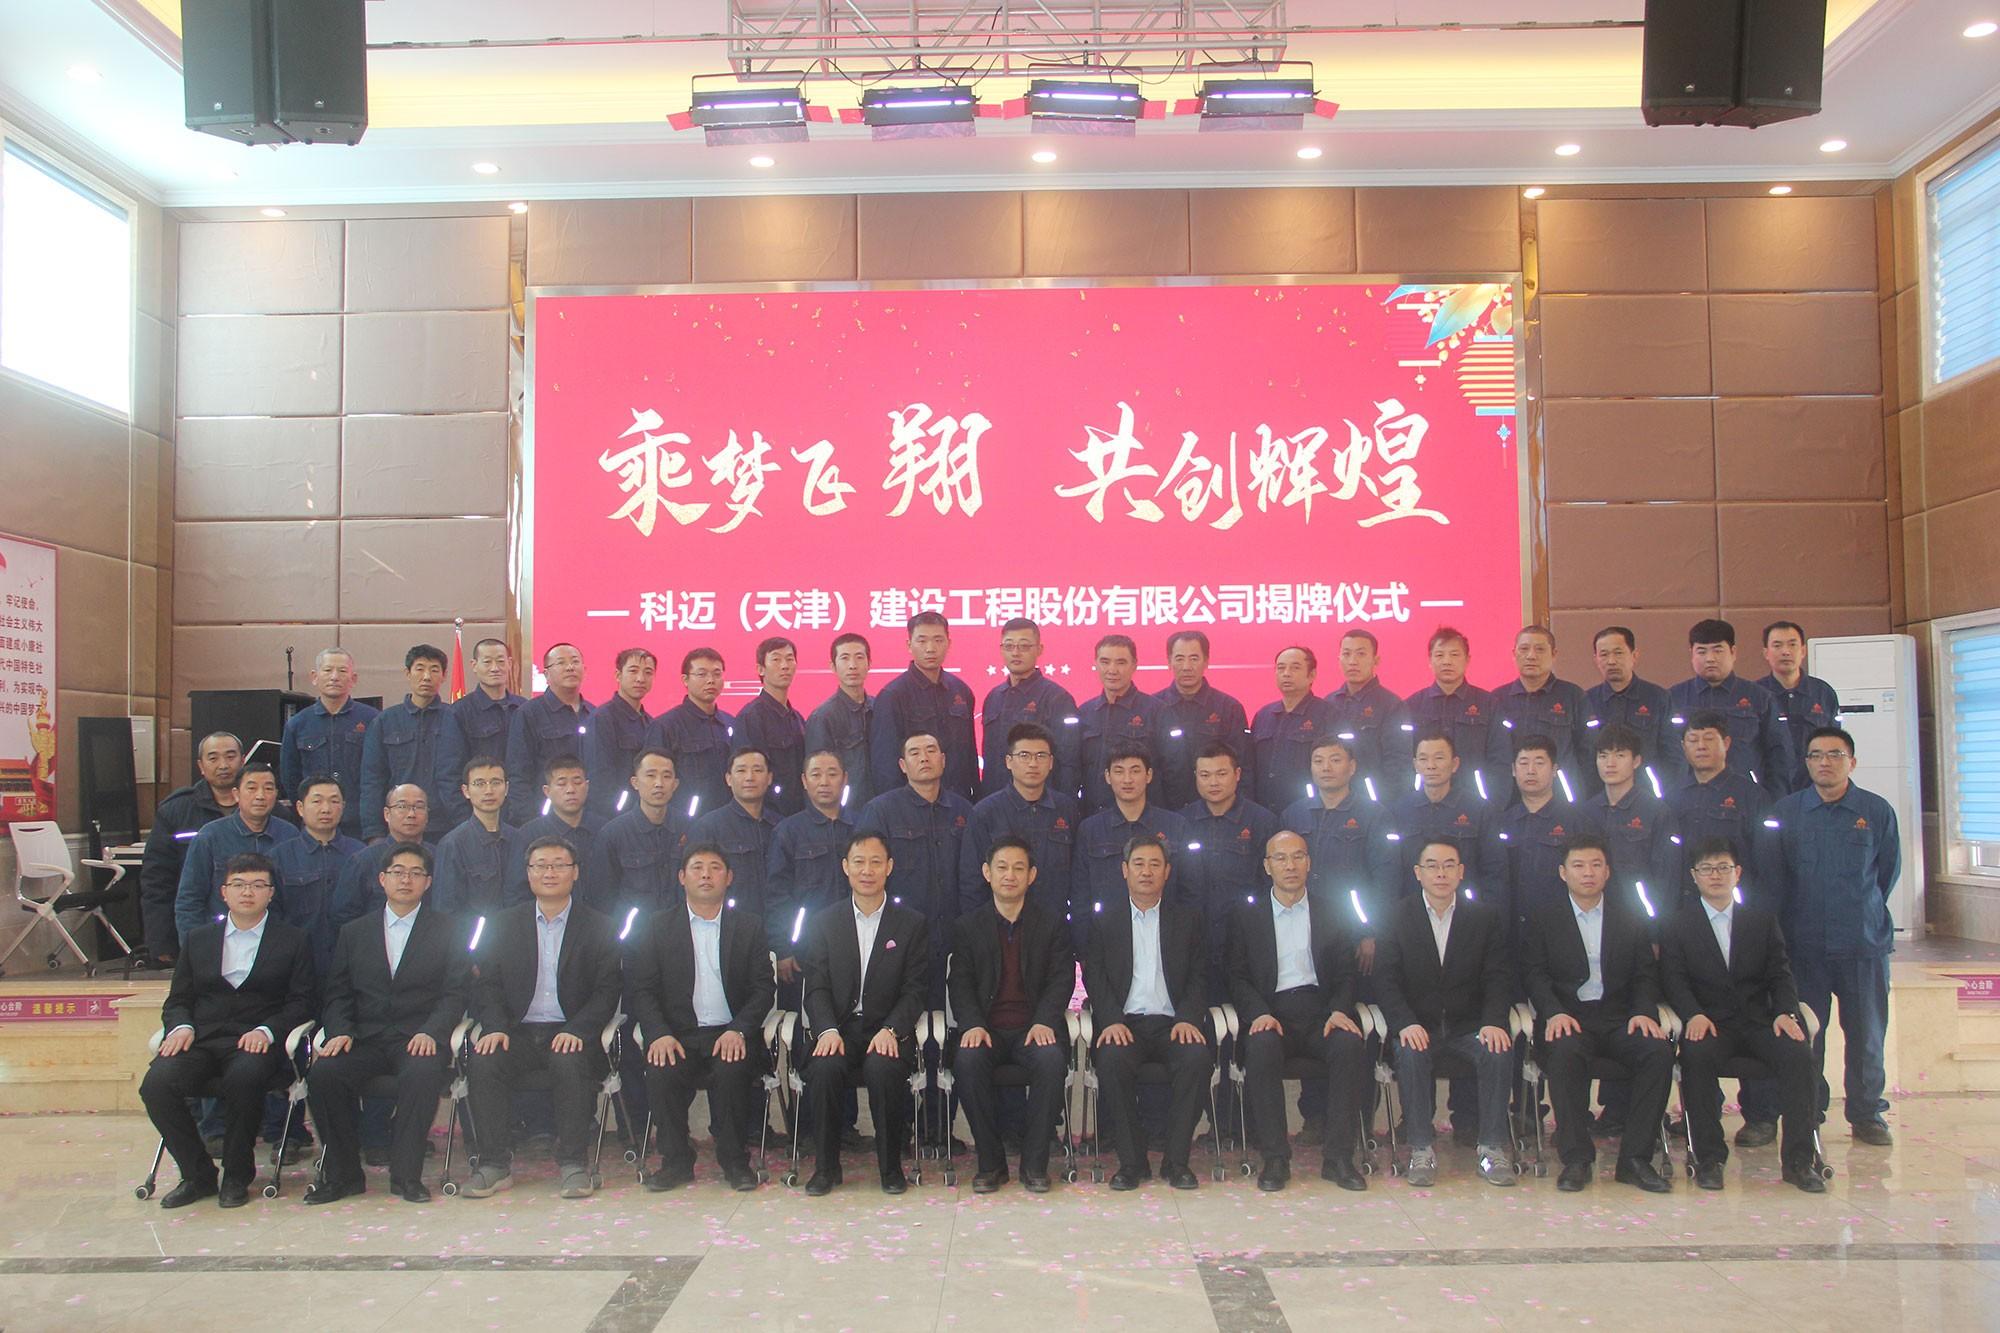 热烈庆祝科迈(天津)建设工程股份有限公司揭牌成立!